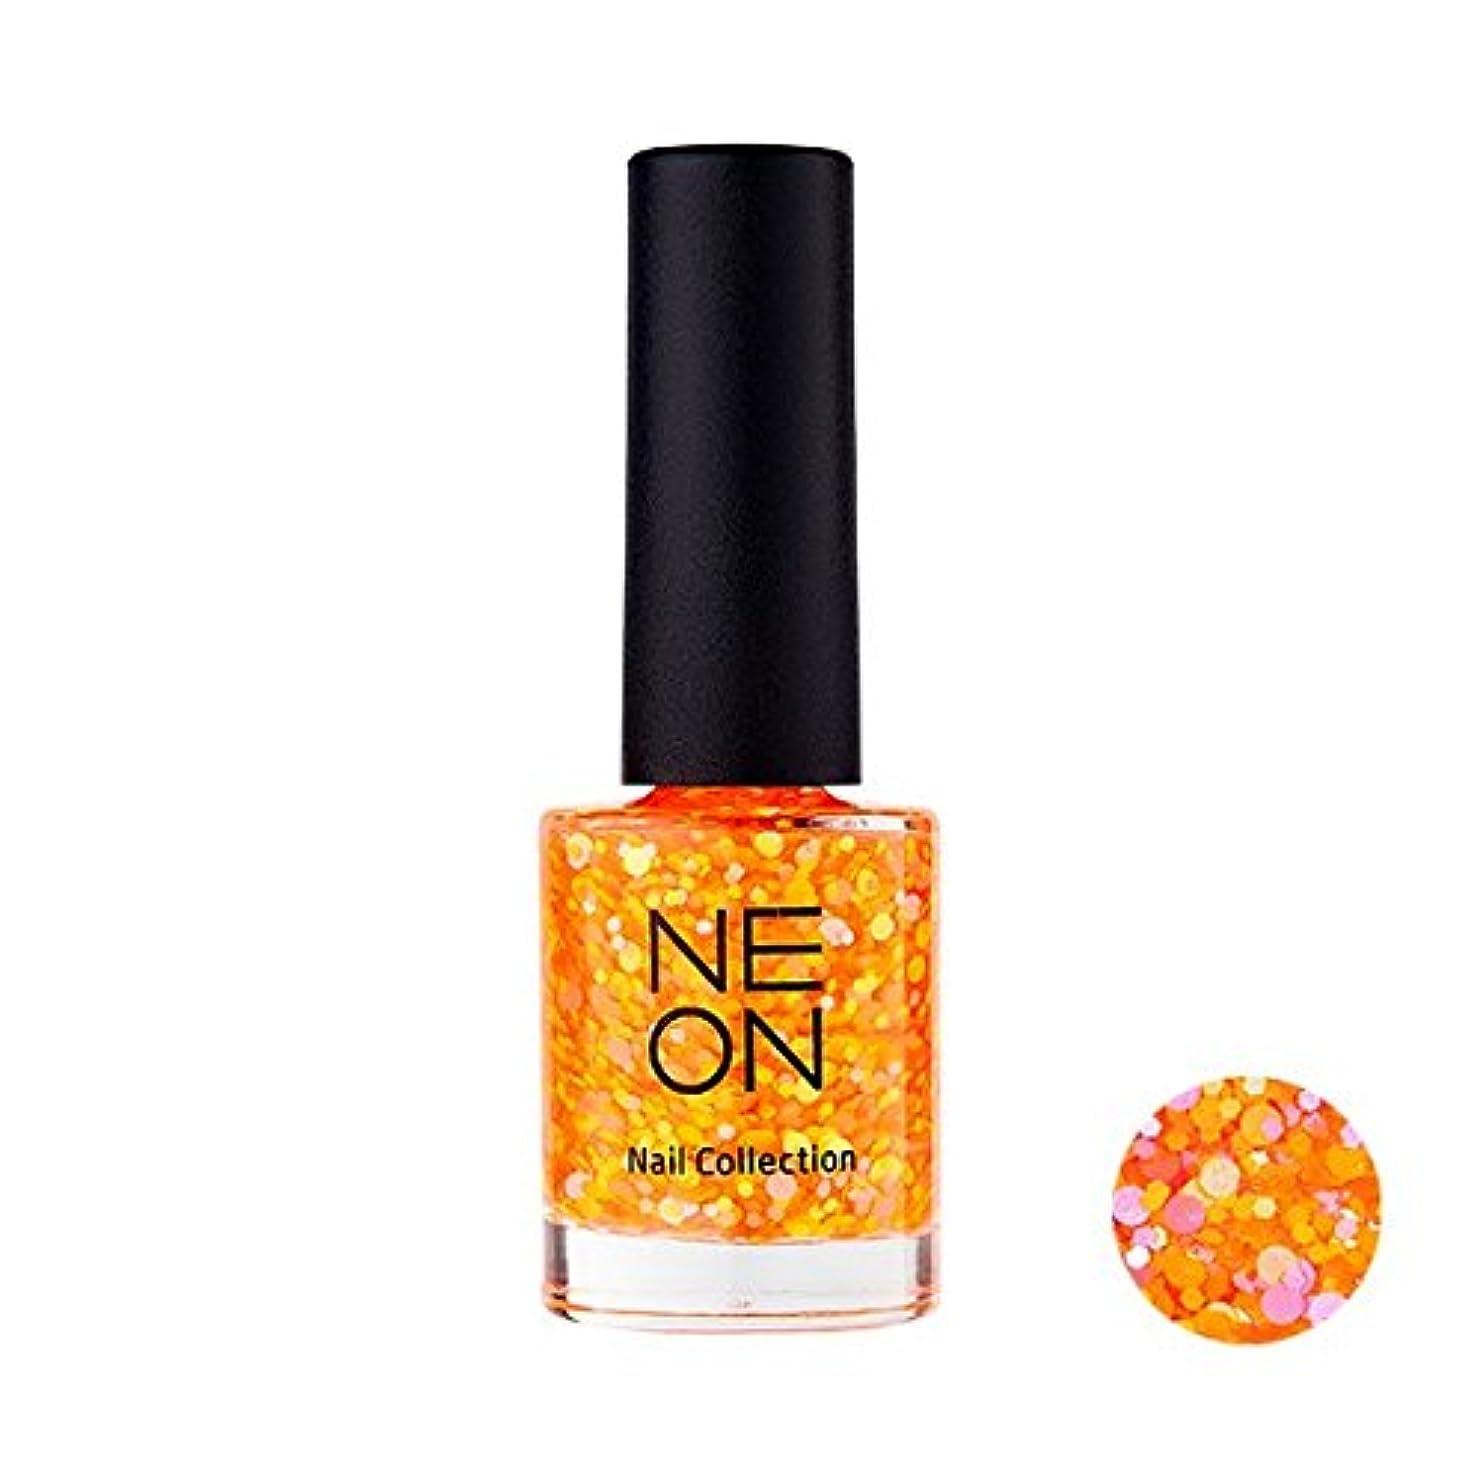 メールマイクロ全国It'S SKIN Neon nail collection [03 Neon Glitter Orange] イッツスキン ネオンネイルコレクション [03 ネオン グリッター オレンジ] [並行輸入品]